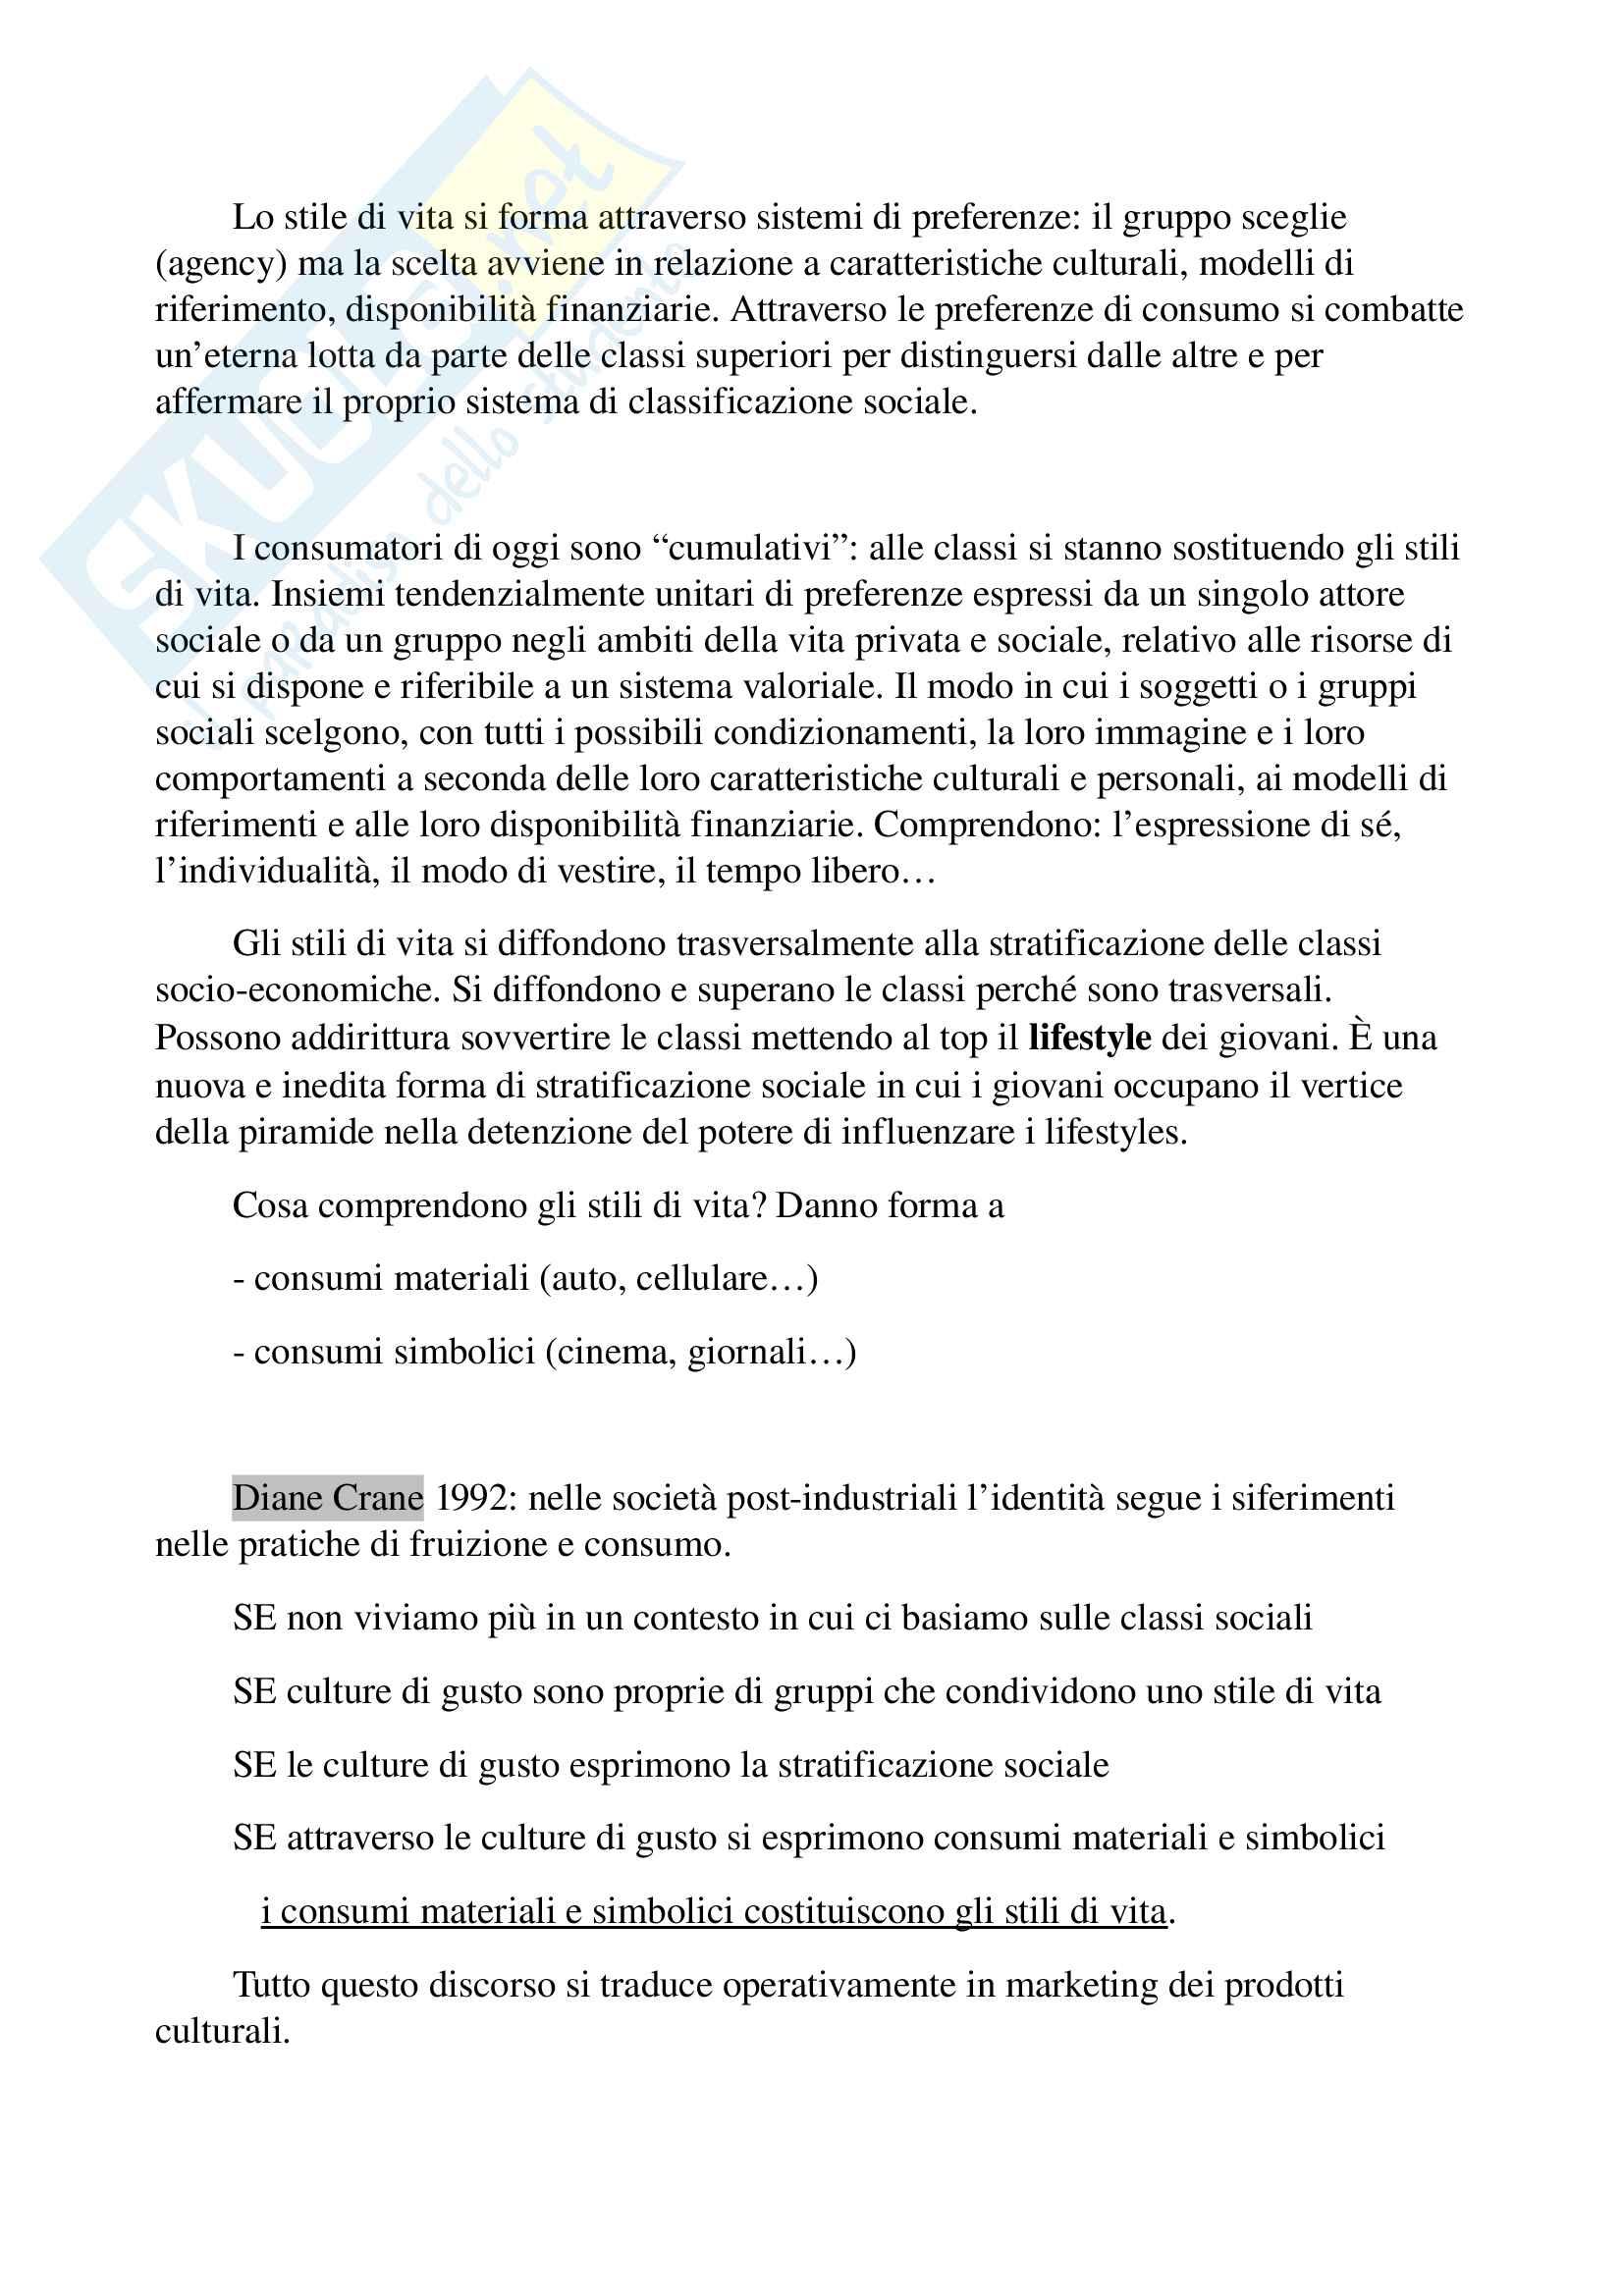 Riassunto esame di Sociologia della comunicazione, prof Vittadini Pag. 41